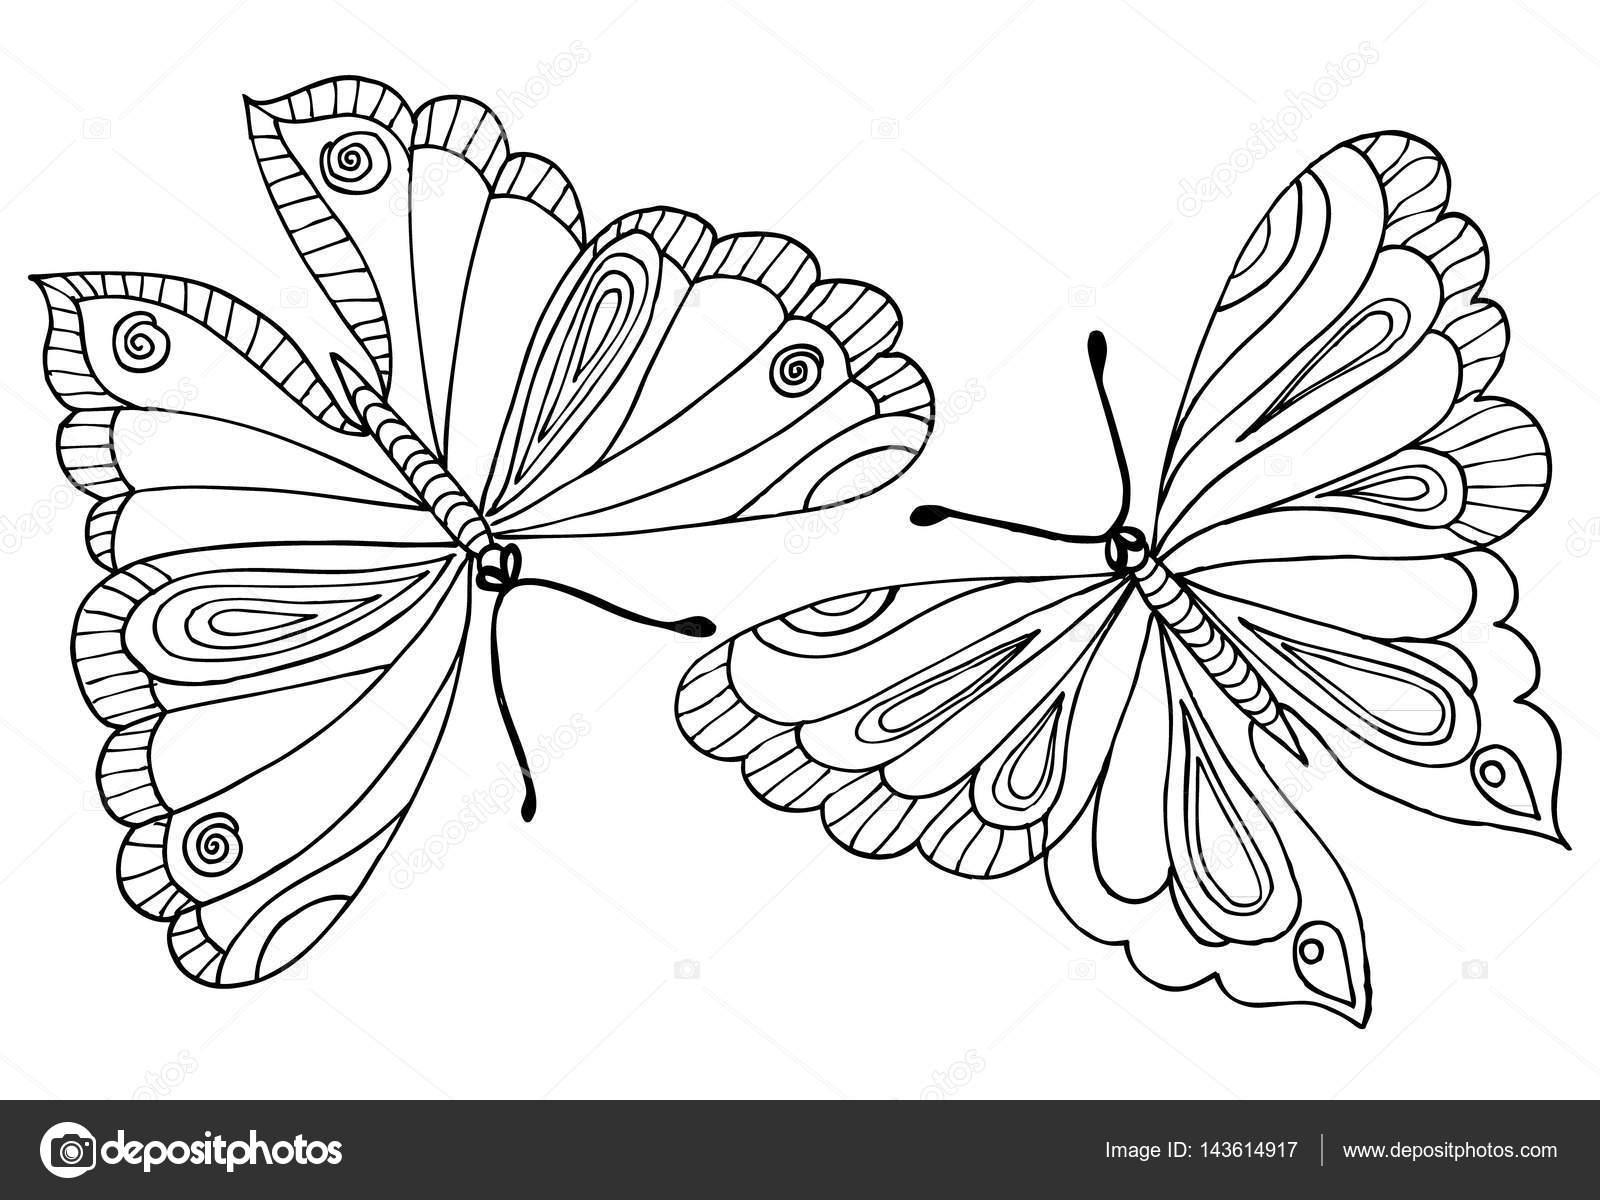 Kelebek Boyama Kitabı Için çizim Vektör Stok Vektör Emila1604